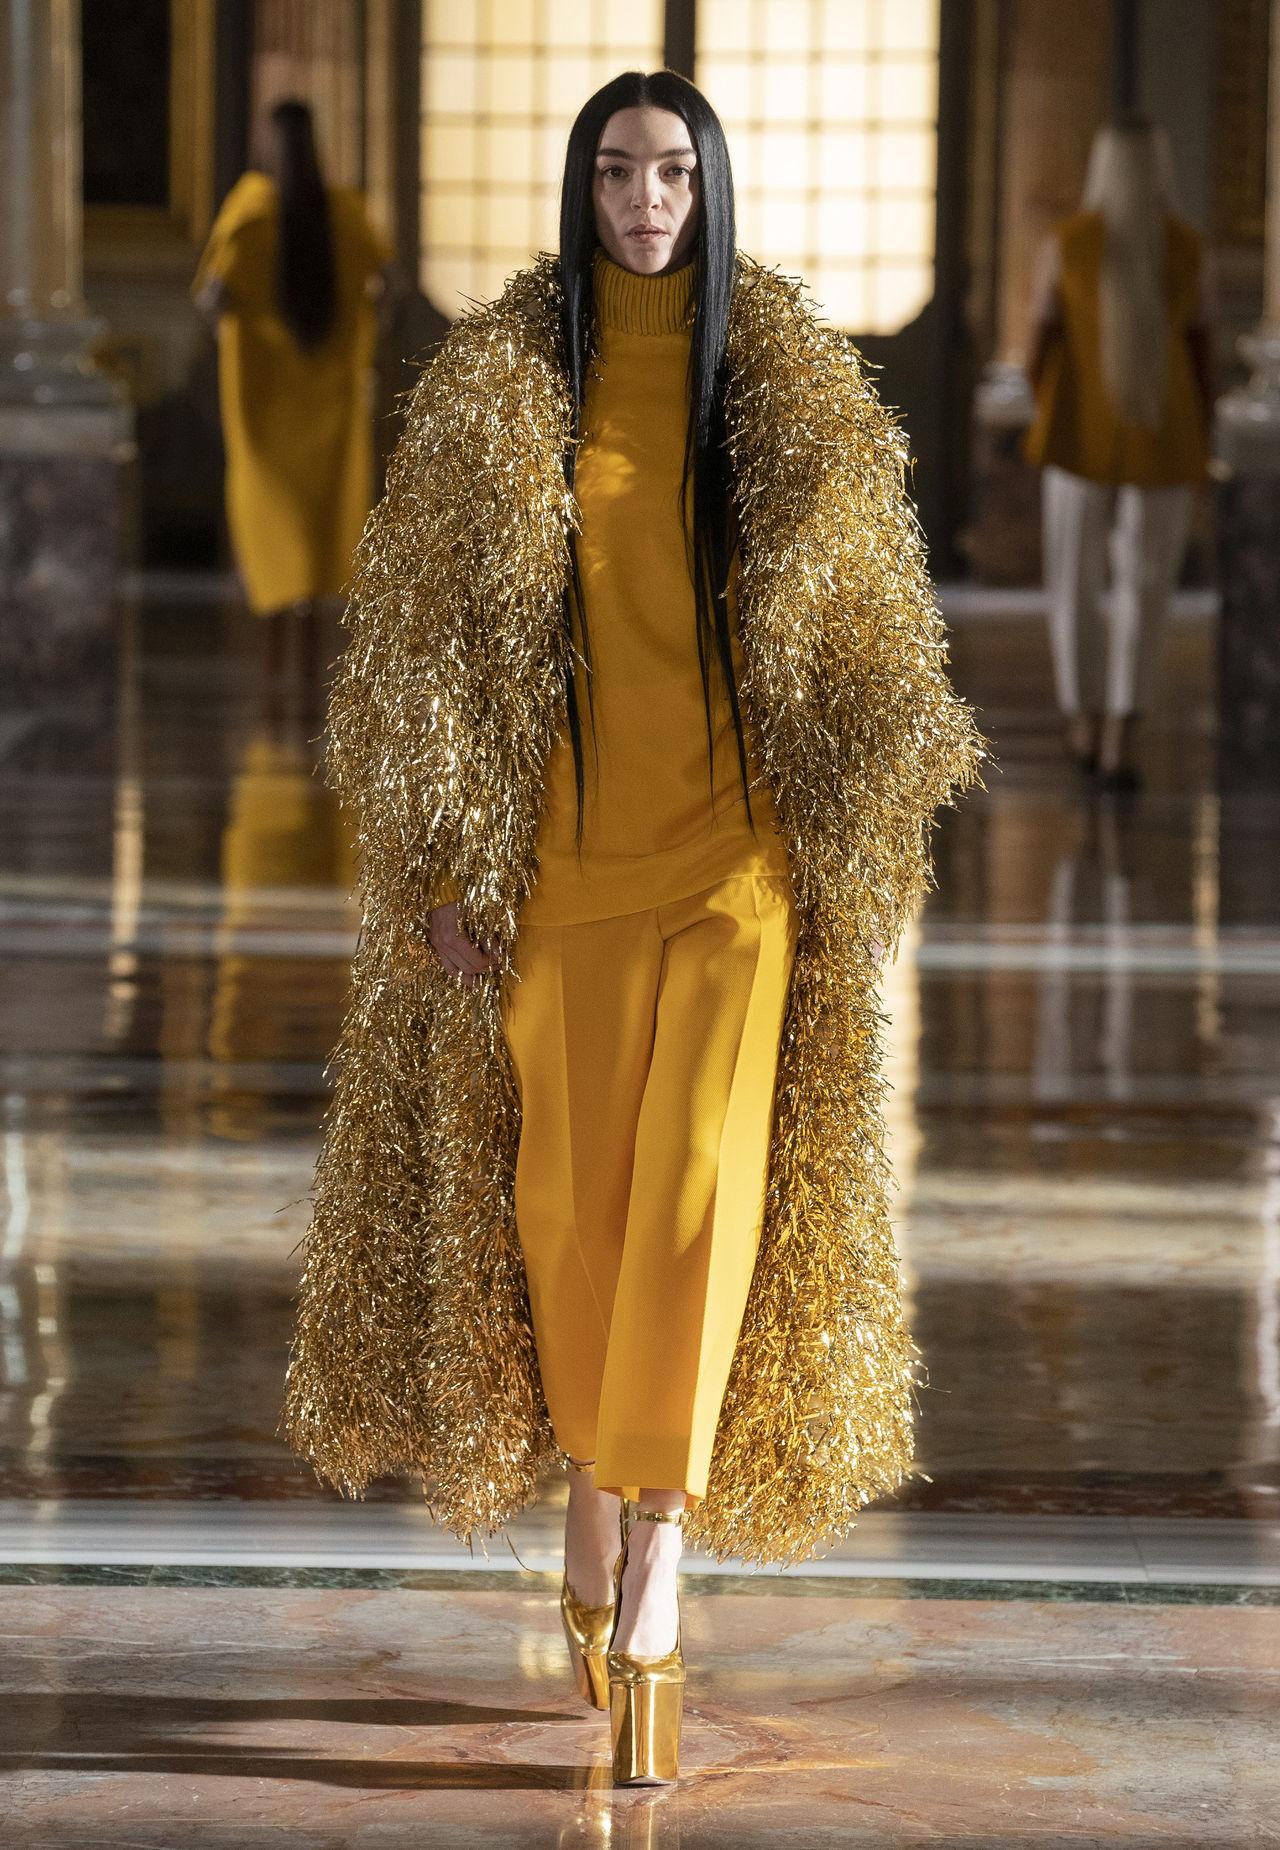 Шуба с имитацией меха в коллекции Valentino Haute Couture, весна-лето 2021